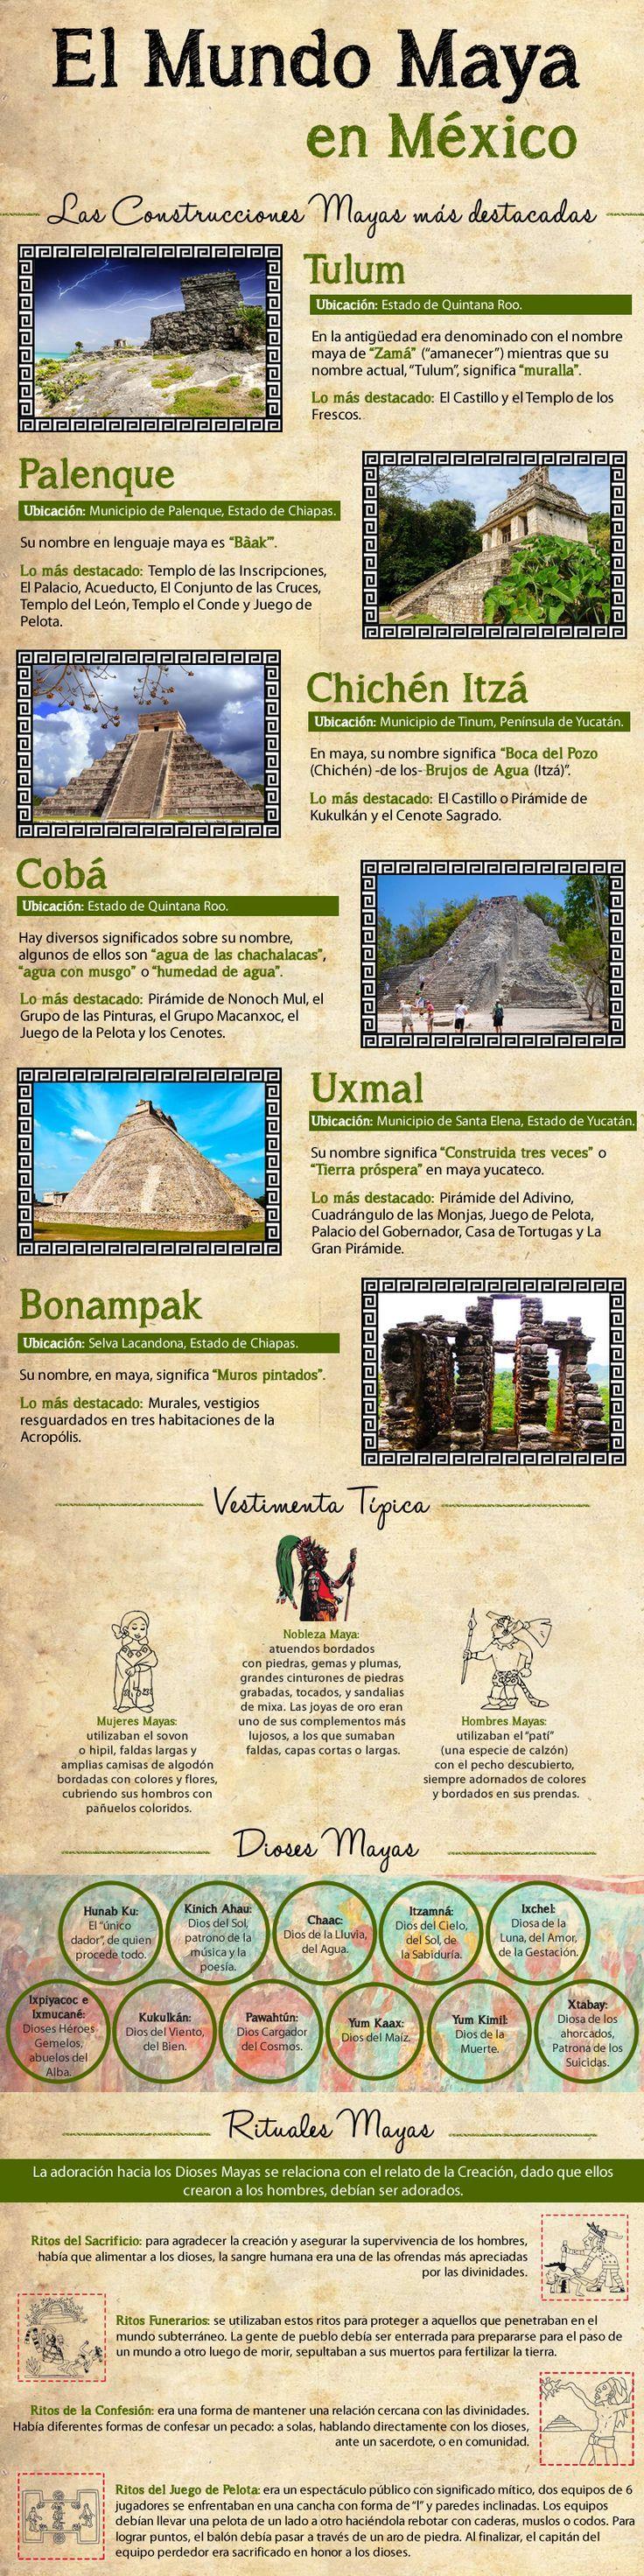 El Mundo Maya en México - Diario Viajero México